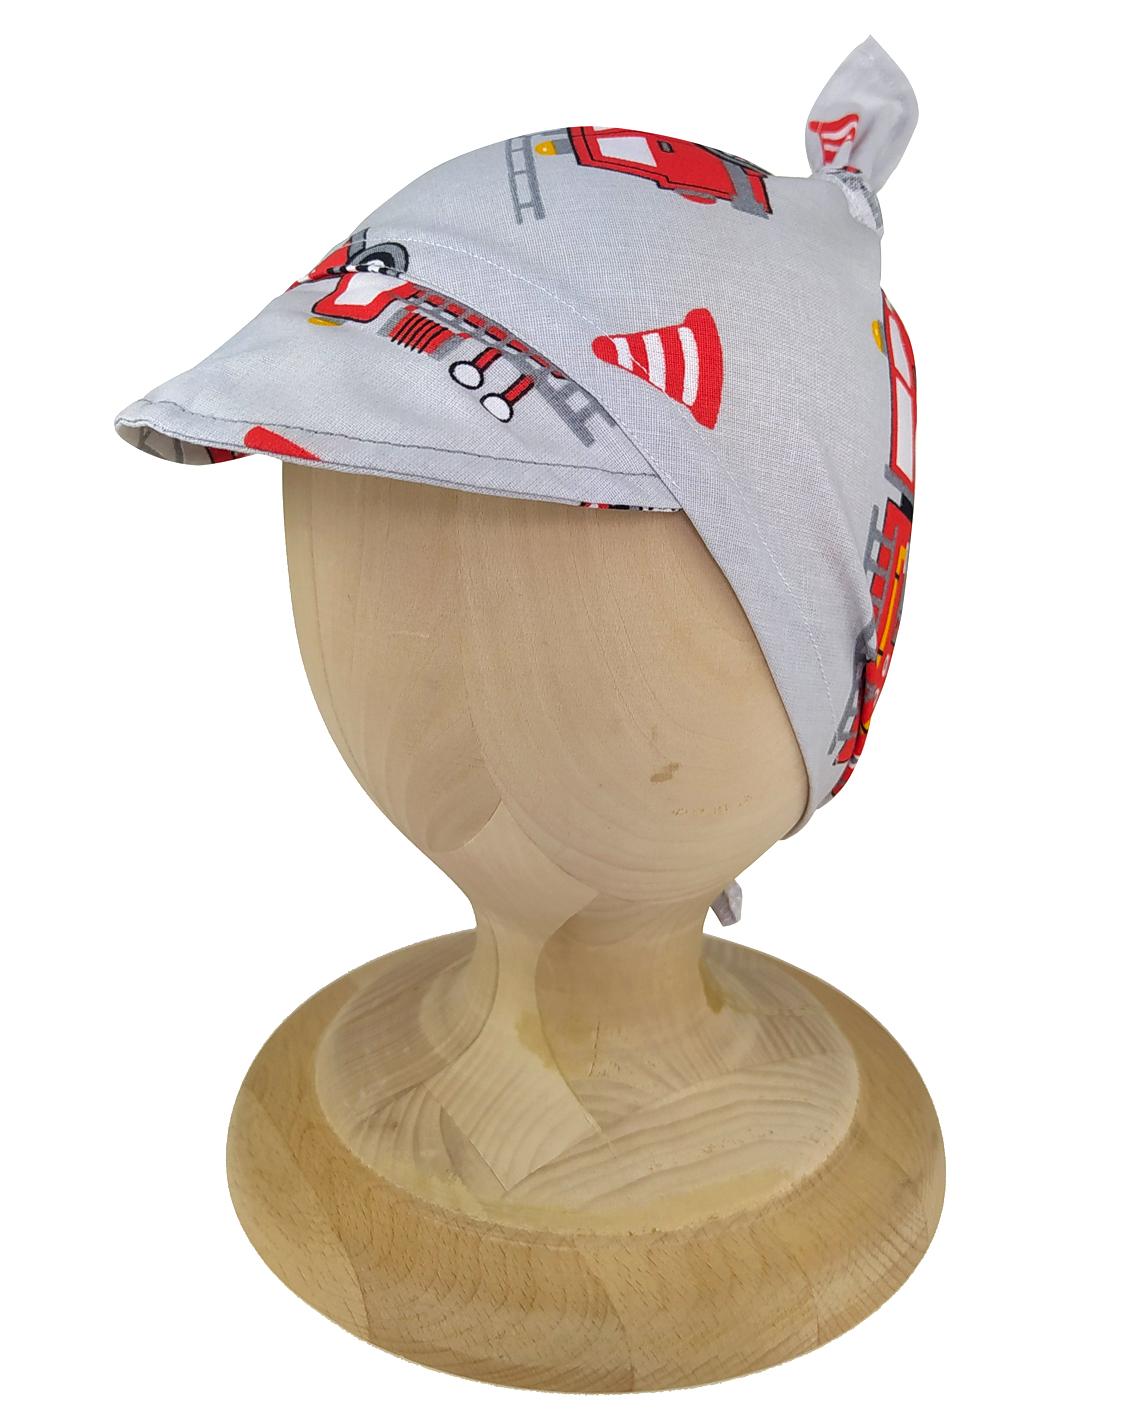 Chustka z daszkiem bandamka dla dzieci uszyta z bawełny 100%. Polski produkt marki Gracja Styl.